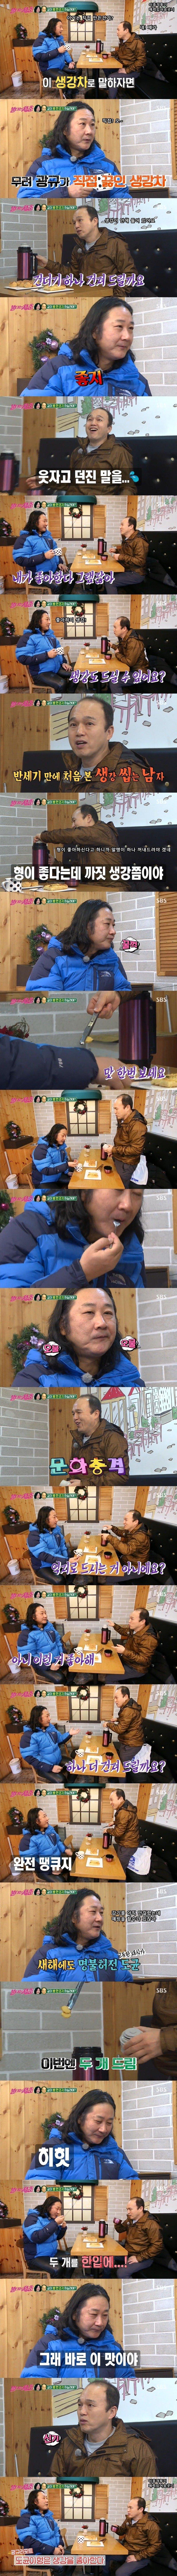 생강차 문화 컬쳐